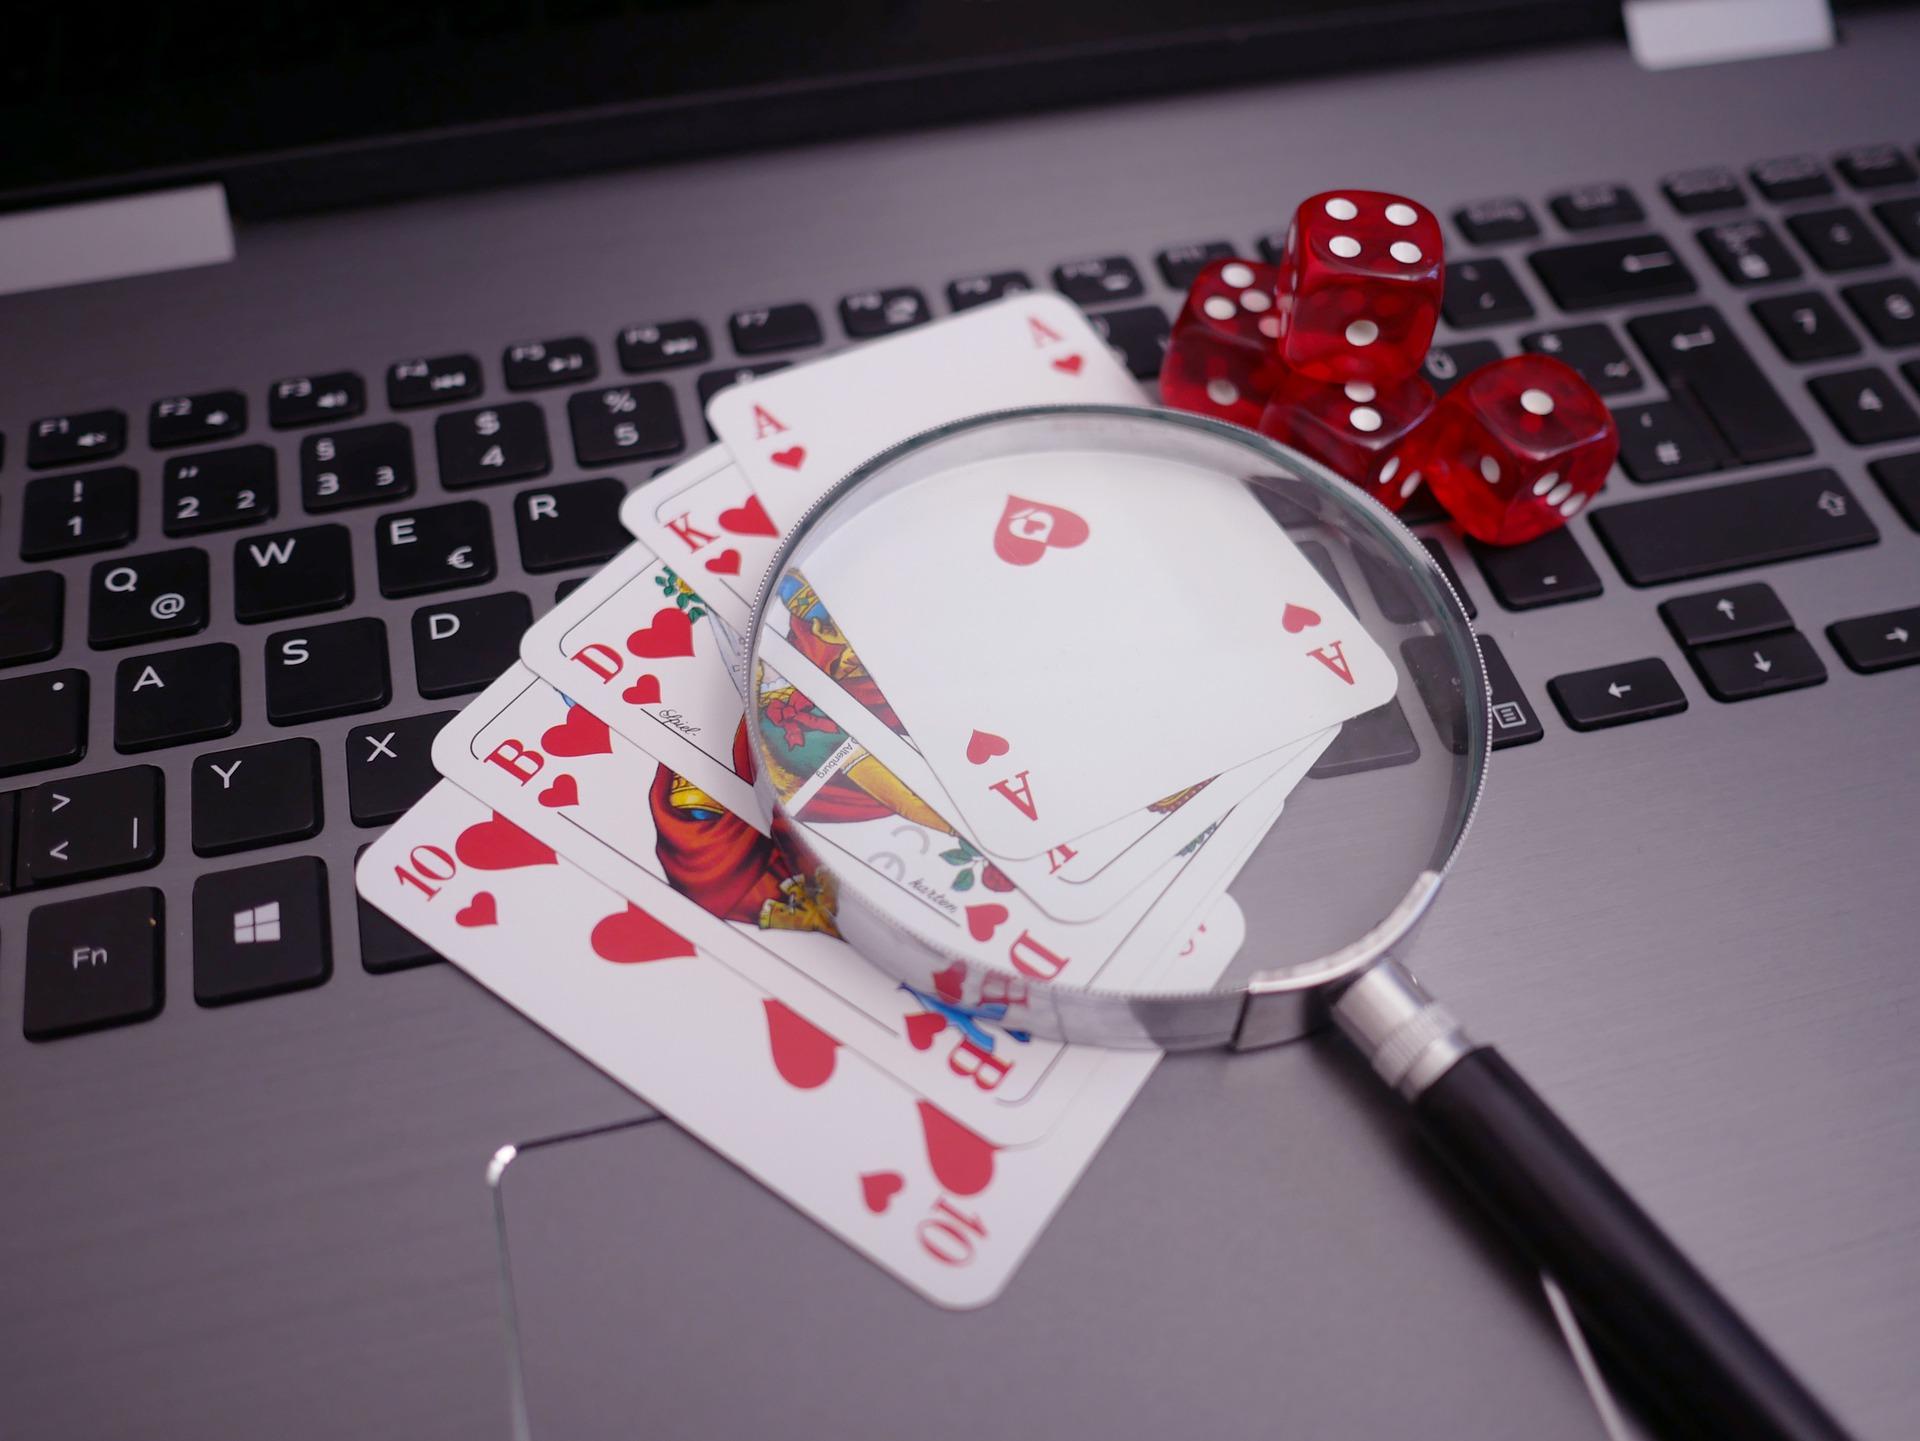 casinoeuro - Esittelyssä CasinoEuro